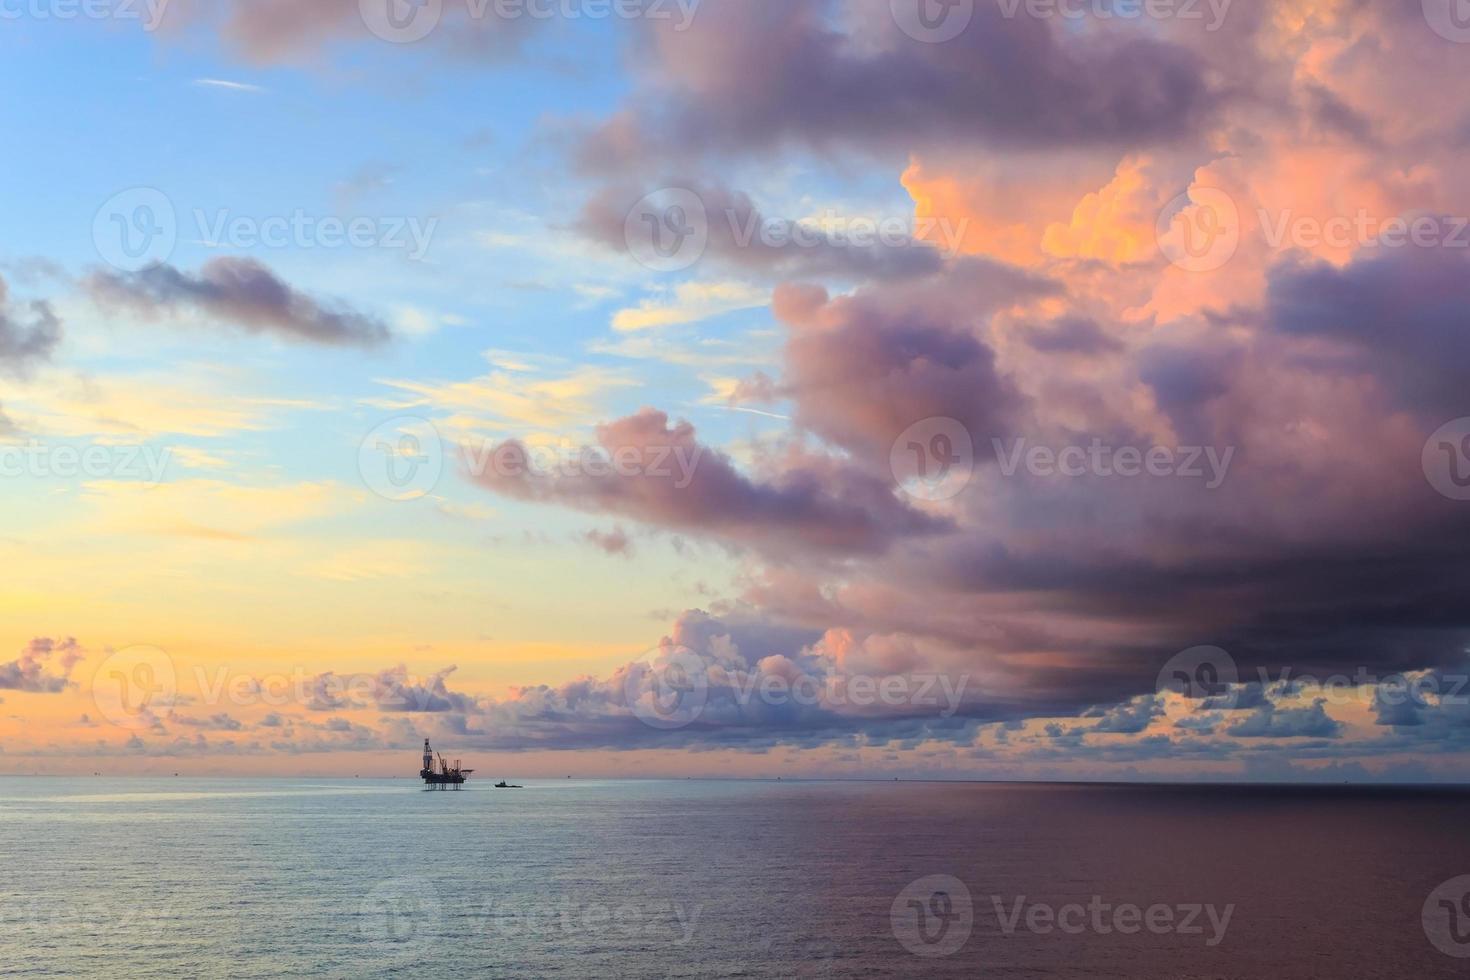 plate-forme de forage jack up offshore au milieu de l'océan photo